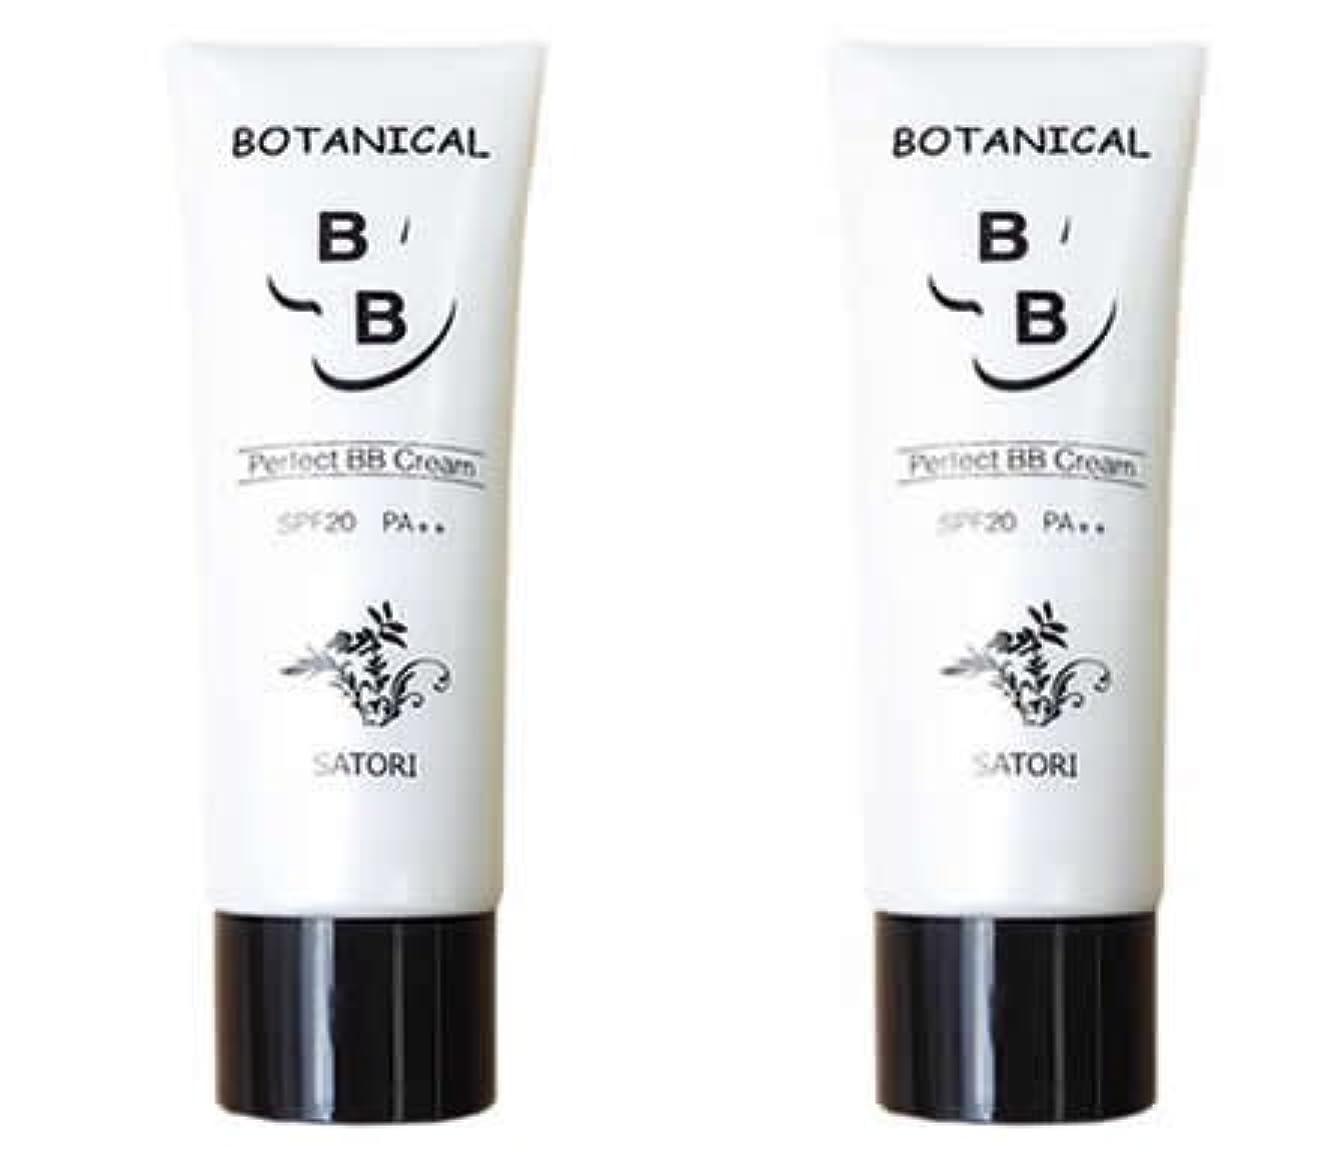 朝ごはん利用可能クッションSATORI BOTANICAL BB クリーム 50g×2本セット